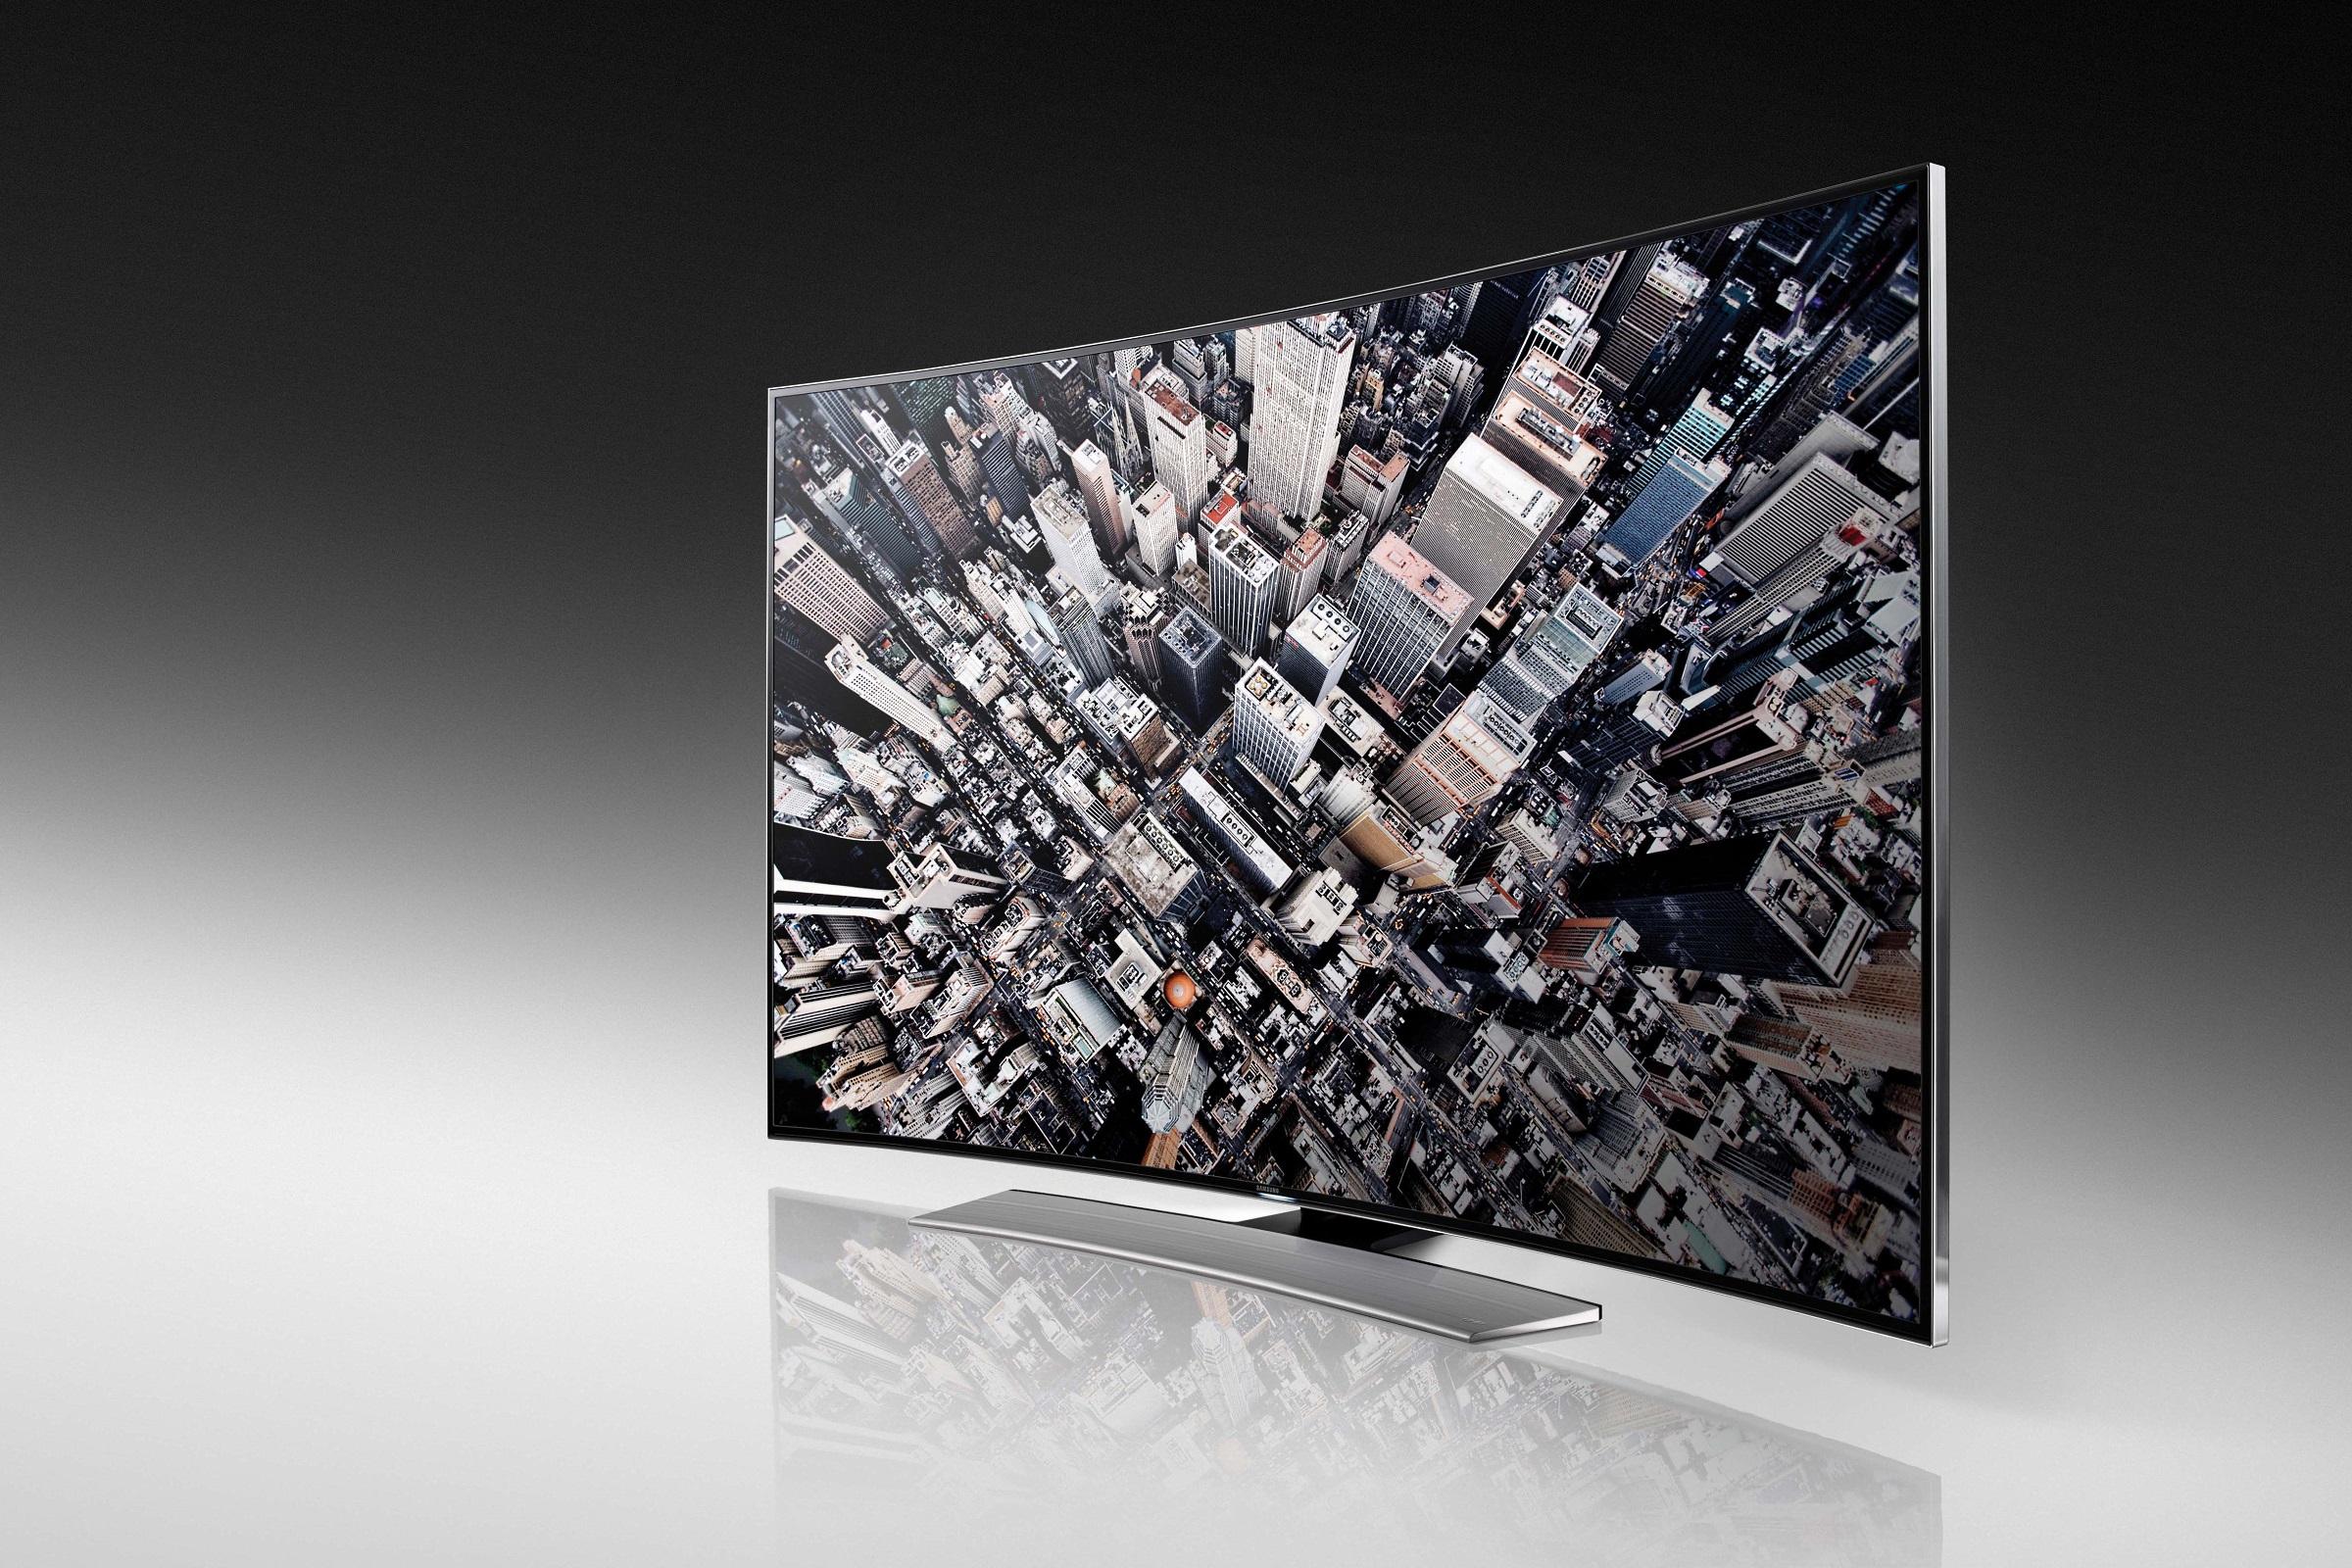 Samsung görbe tévék görbe estékre